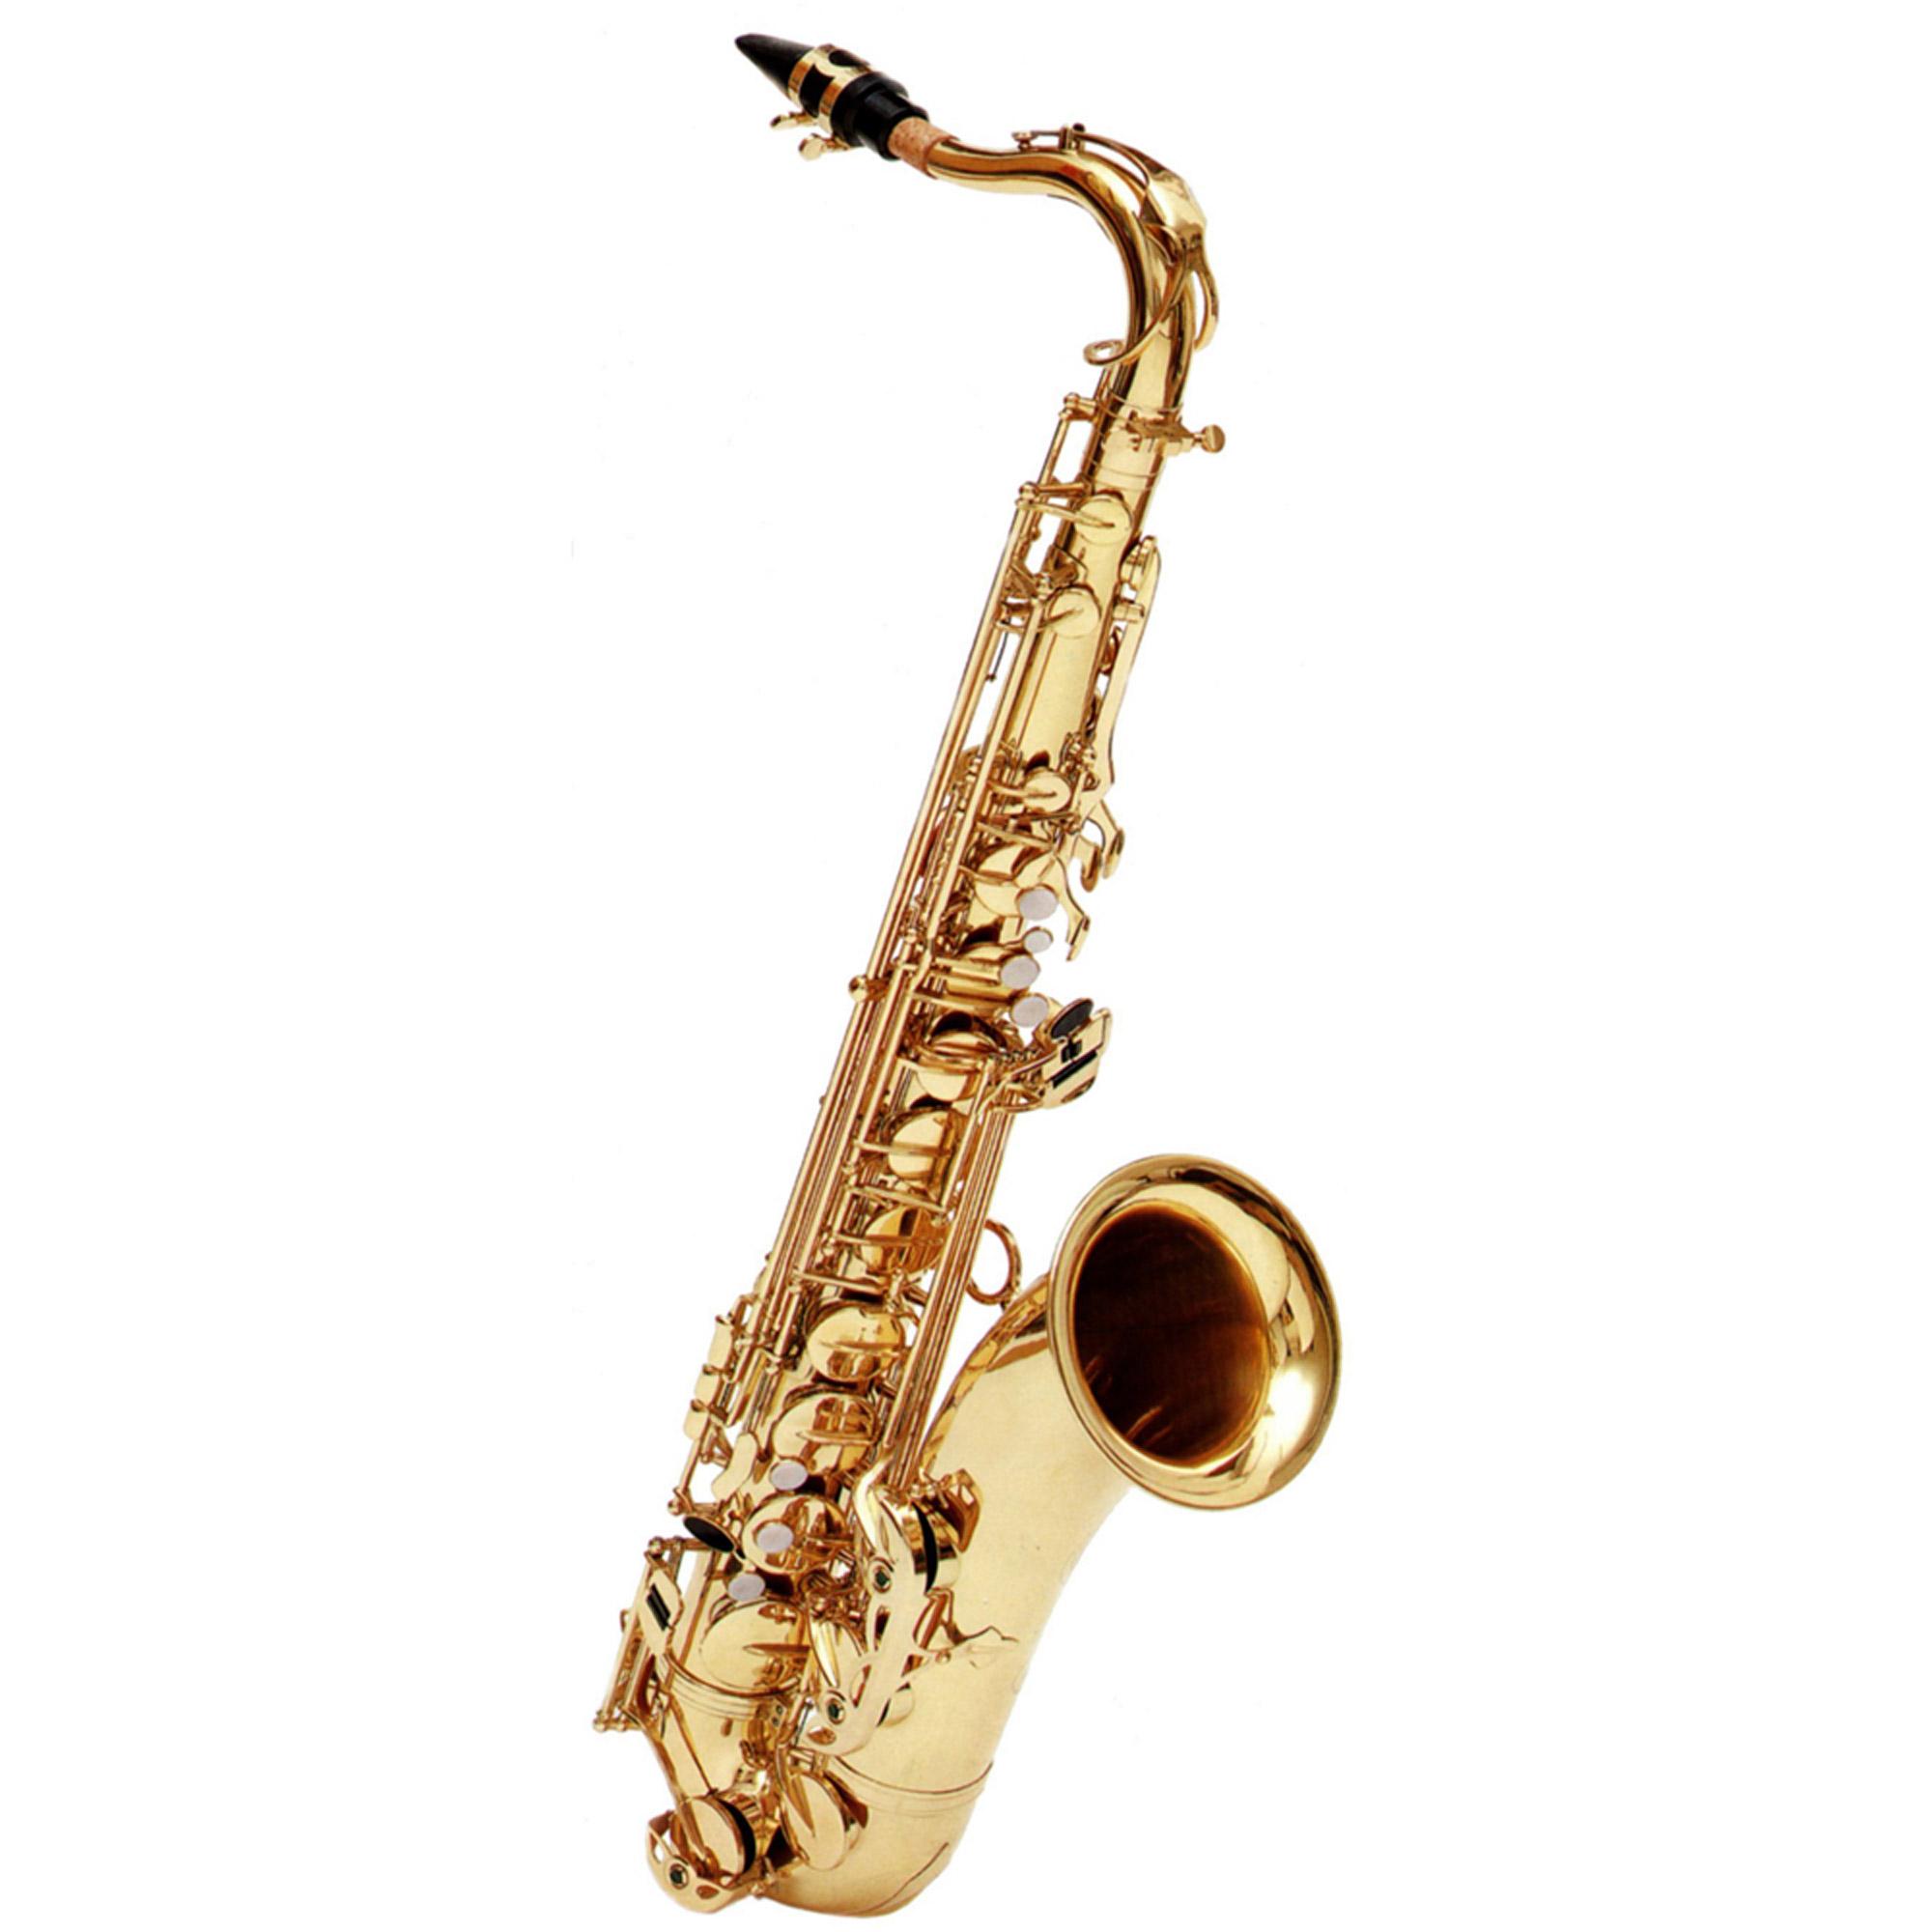 Ravel by Gemeinhardt RGT202 Tenor Sax